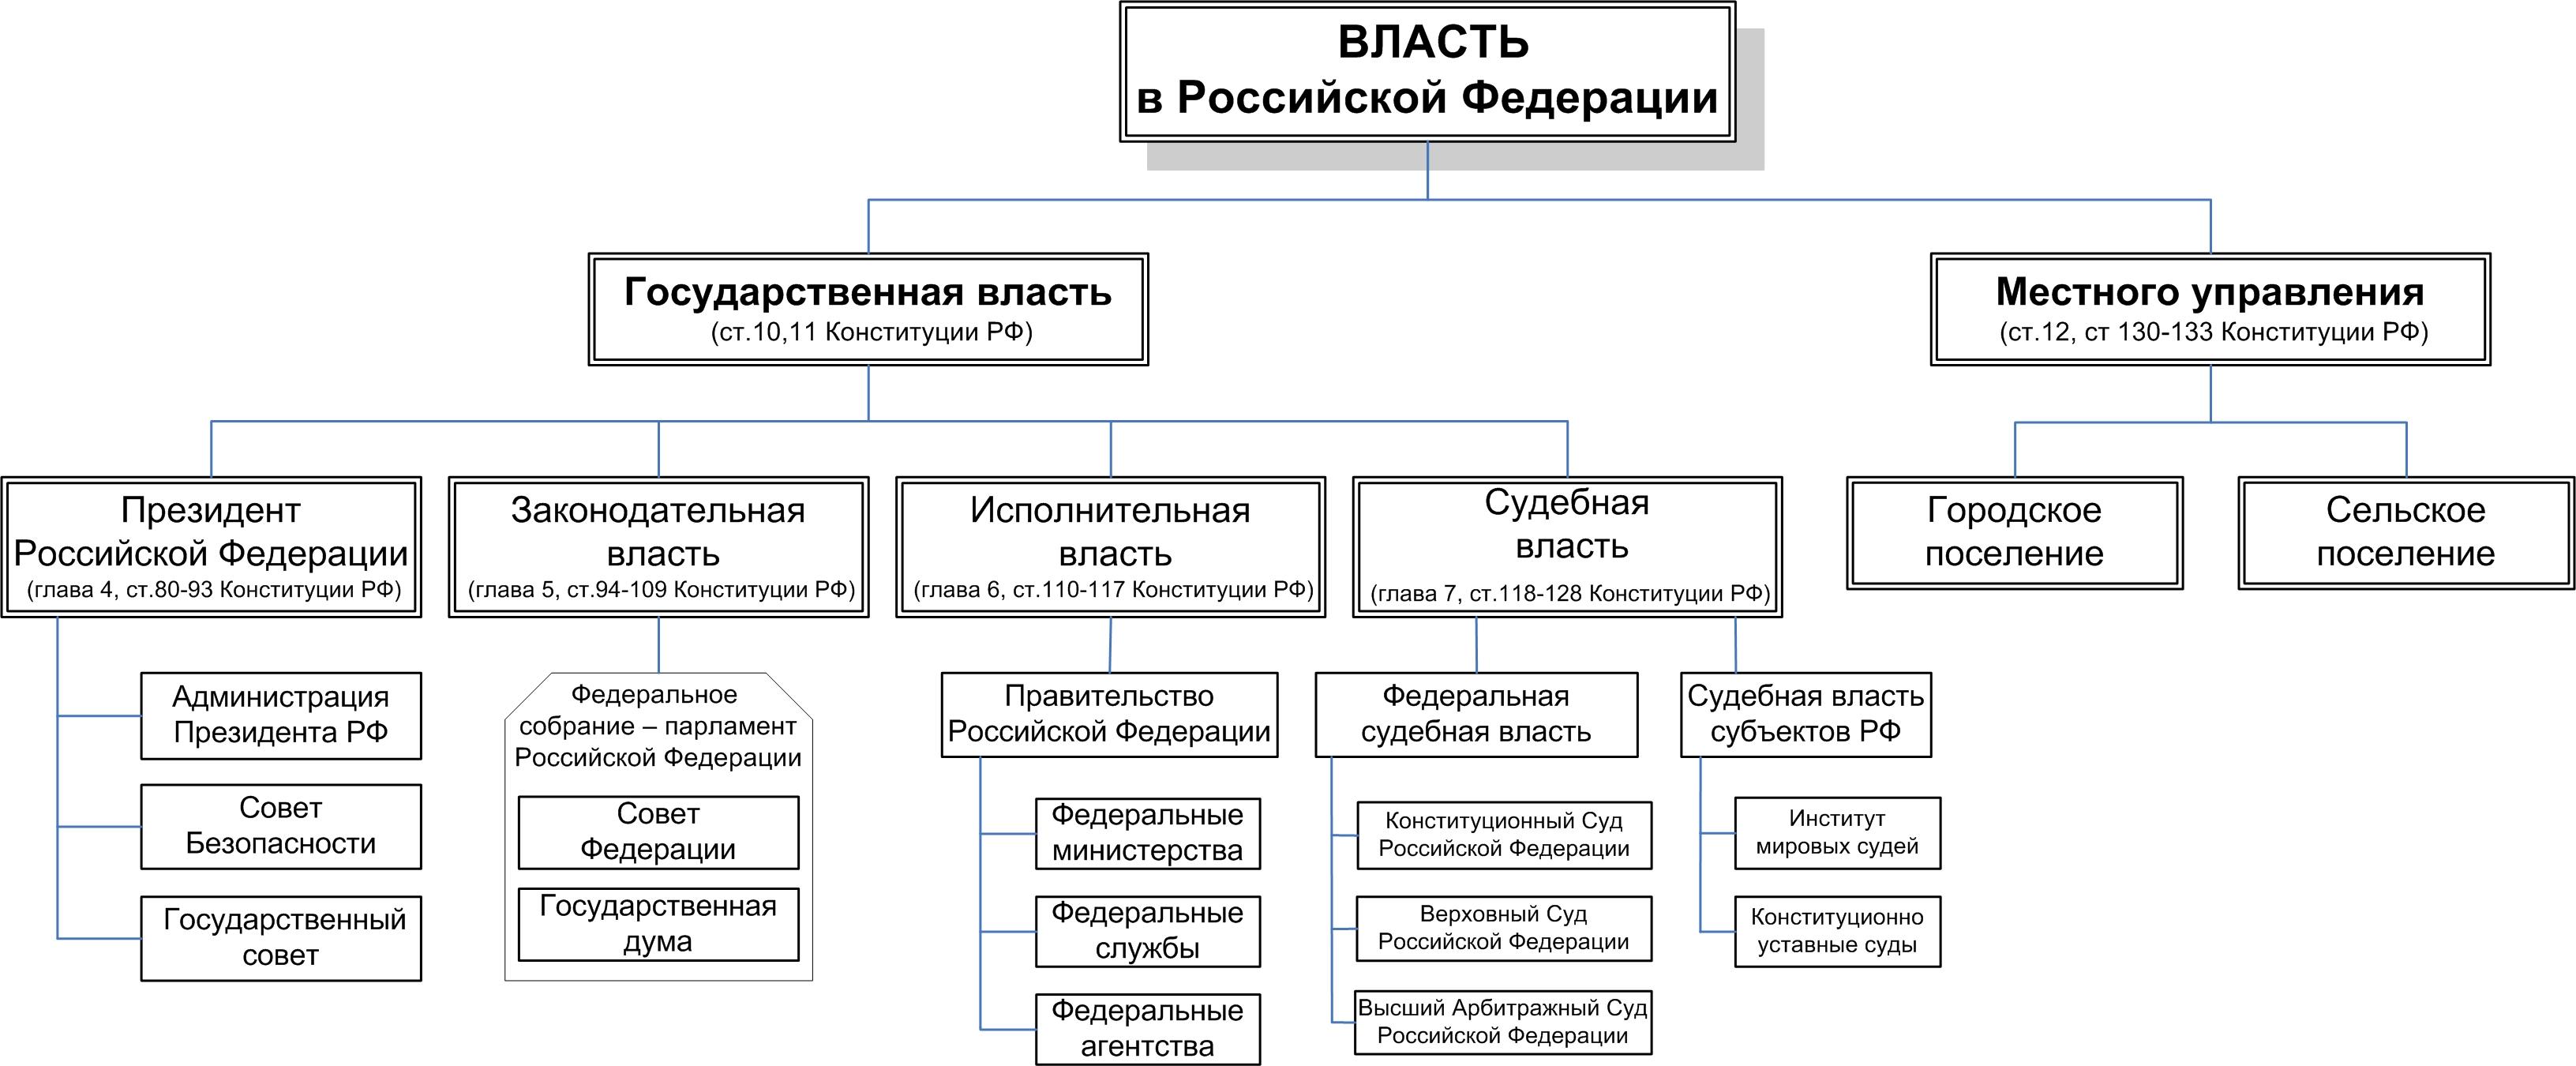 www в рф: